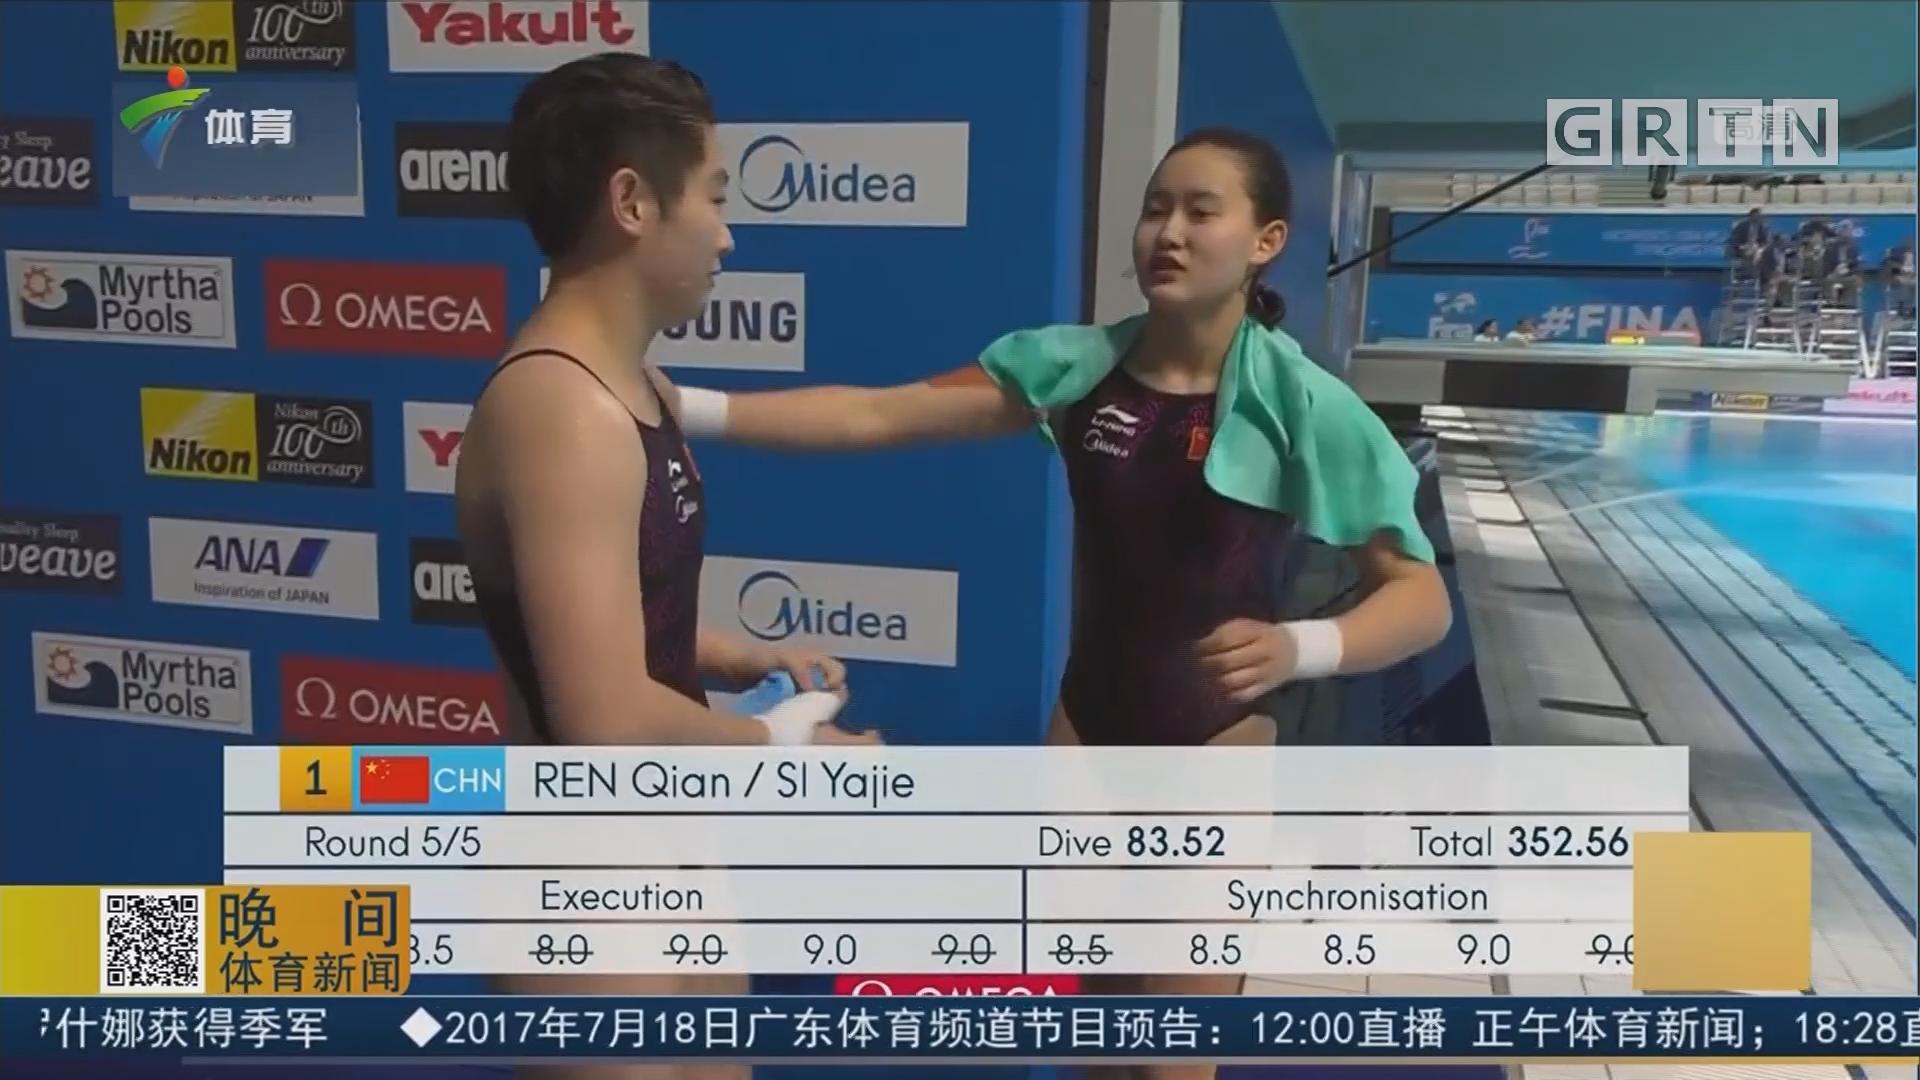 世锦赛女双十米台 任茜/司雅杰夺冠